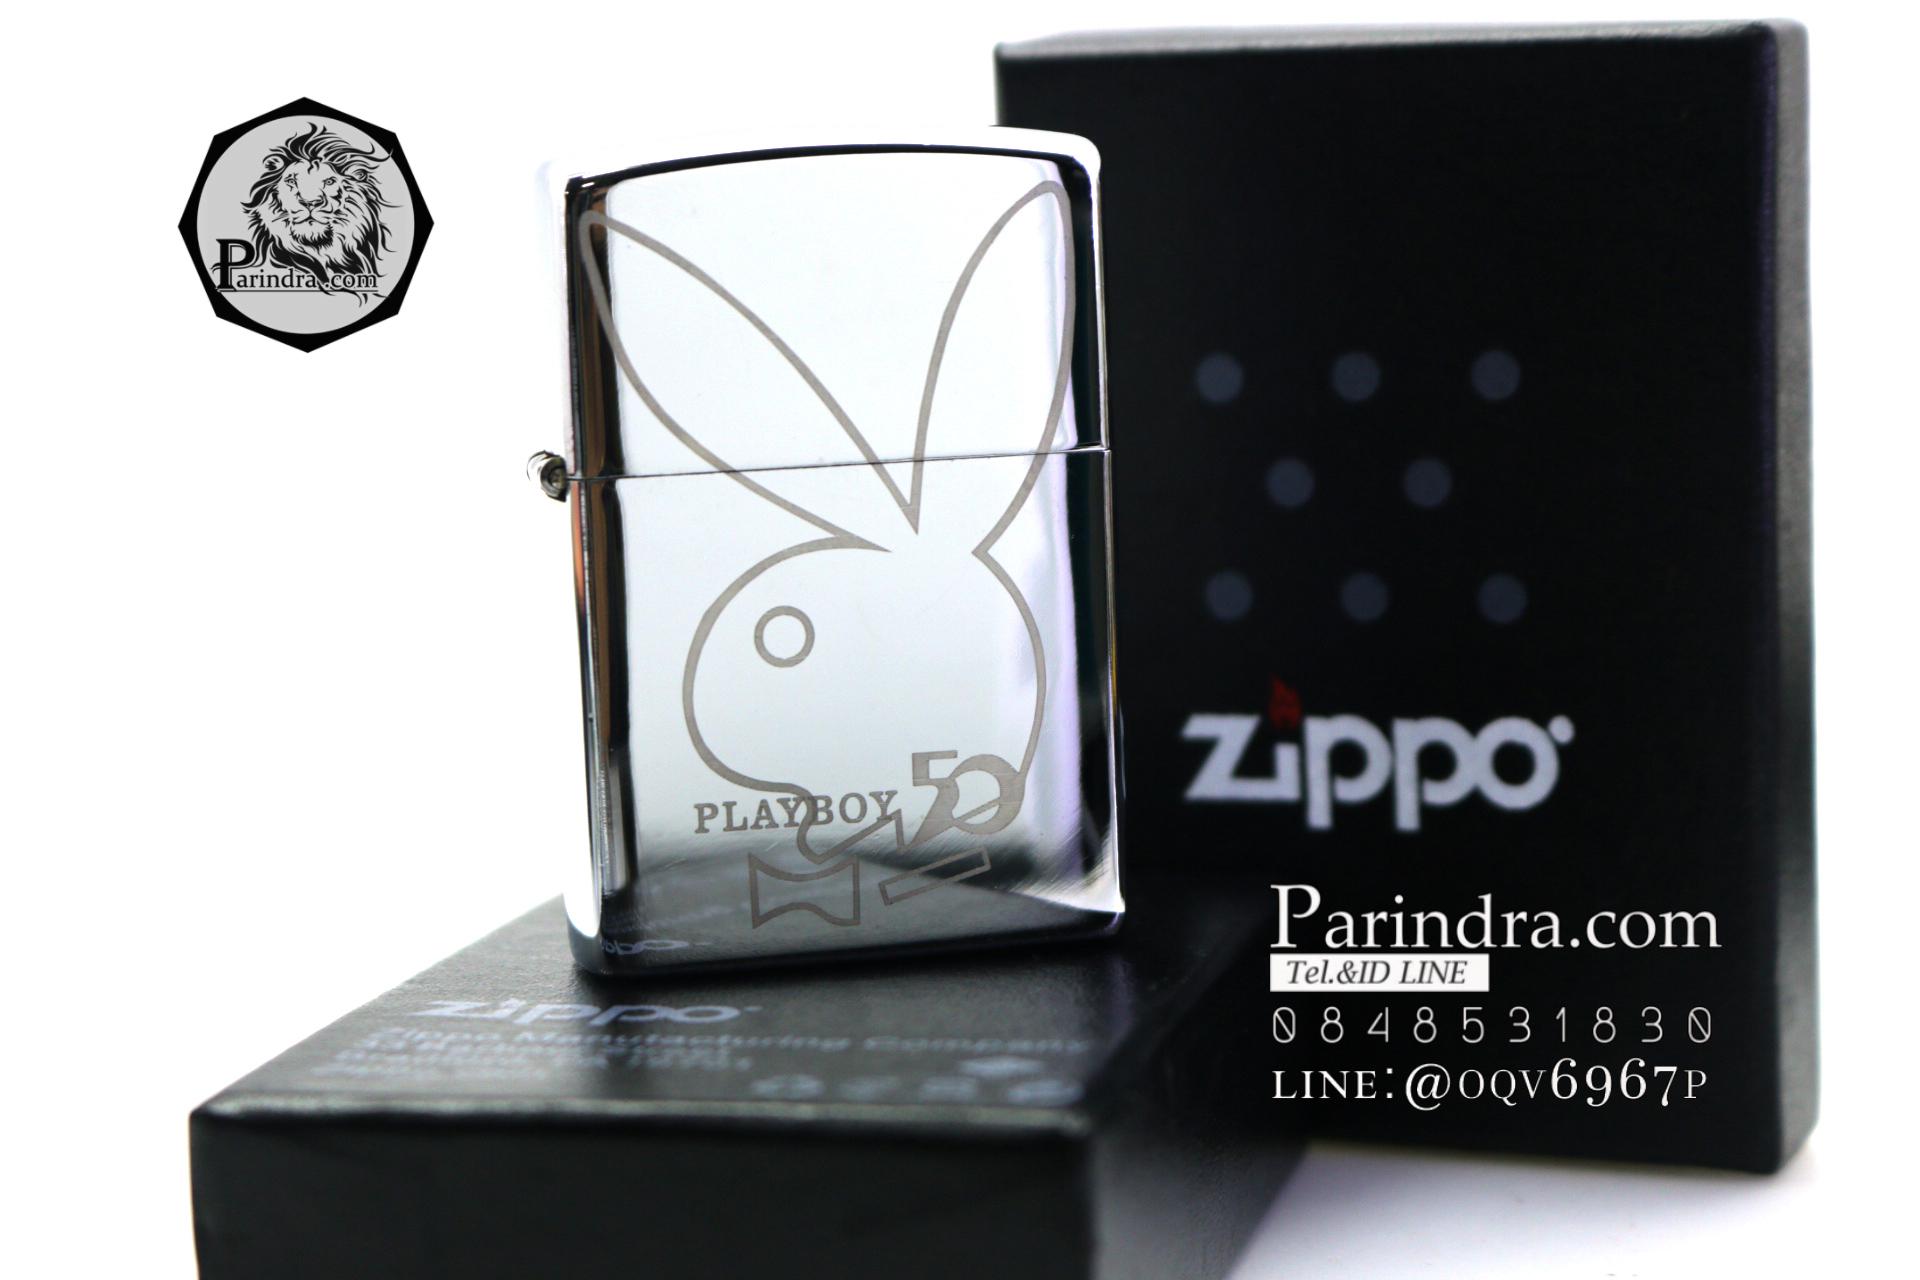 ไฟแช็ค Zippo ลายซิปโป้ ลาย Play boy สวยงาม ทนทาน ตัวงาน Mirror